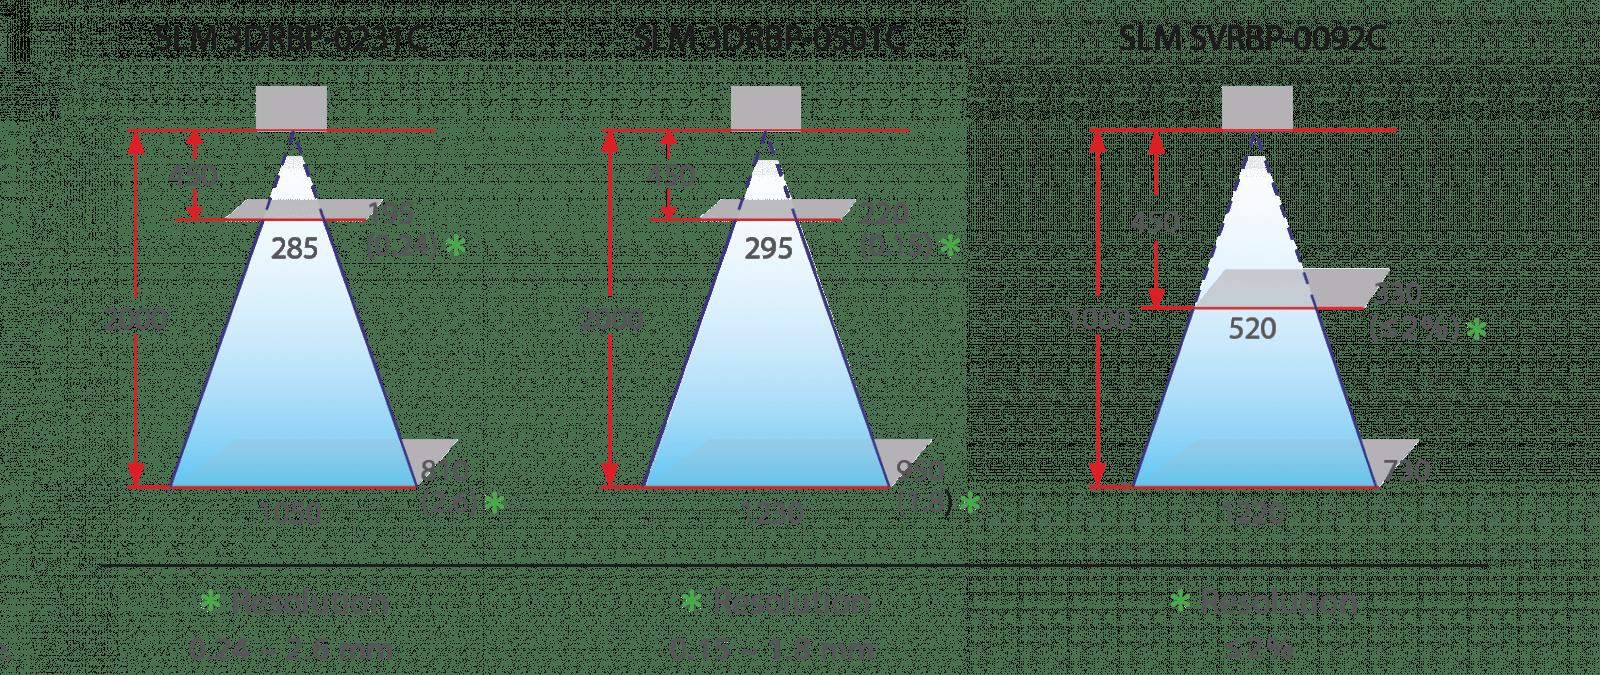 SOLOMON 3D_3D Scanner Field of view (FOV )